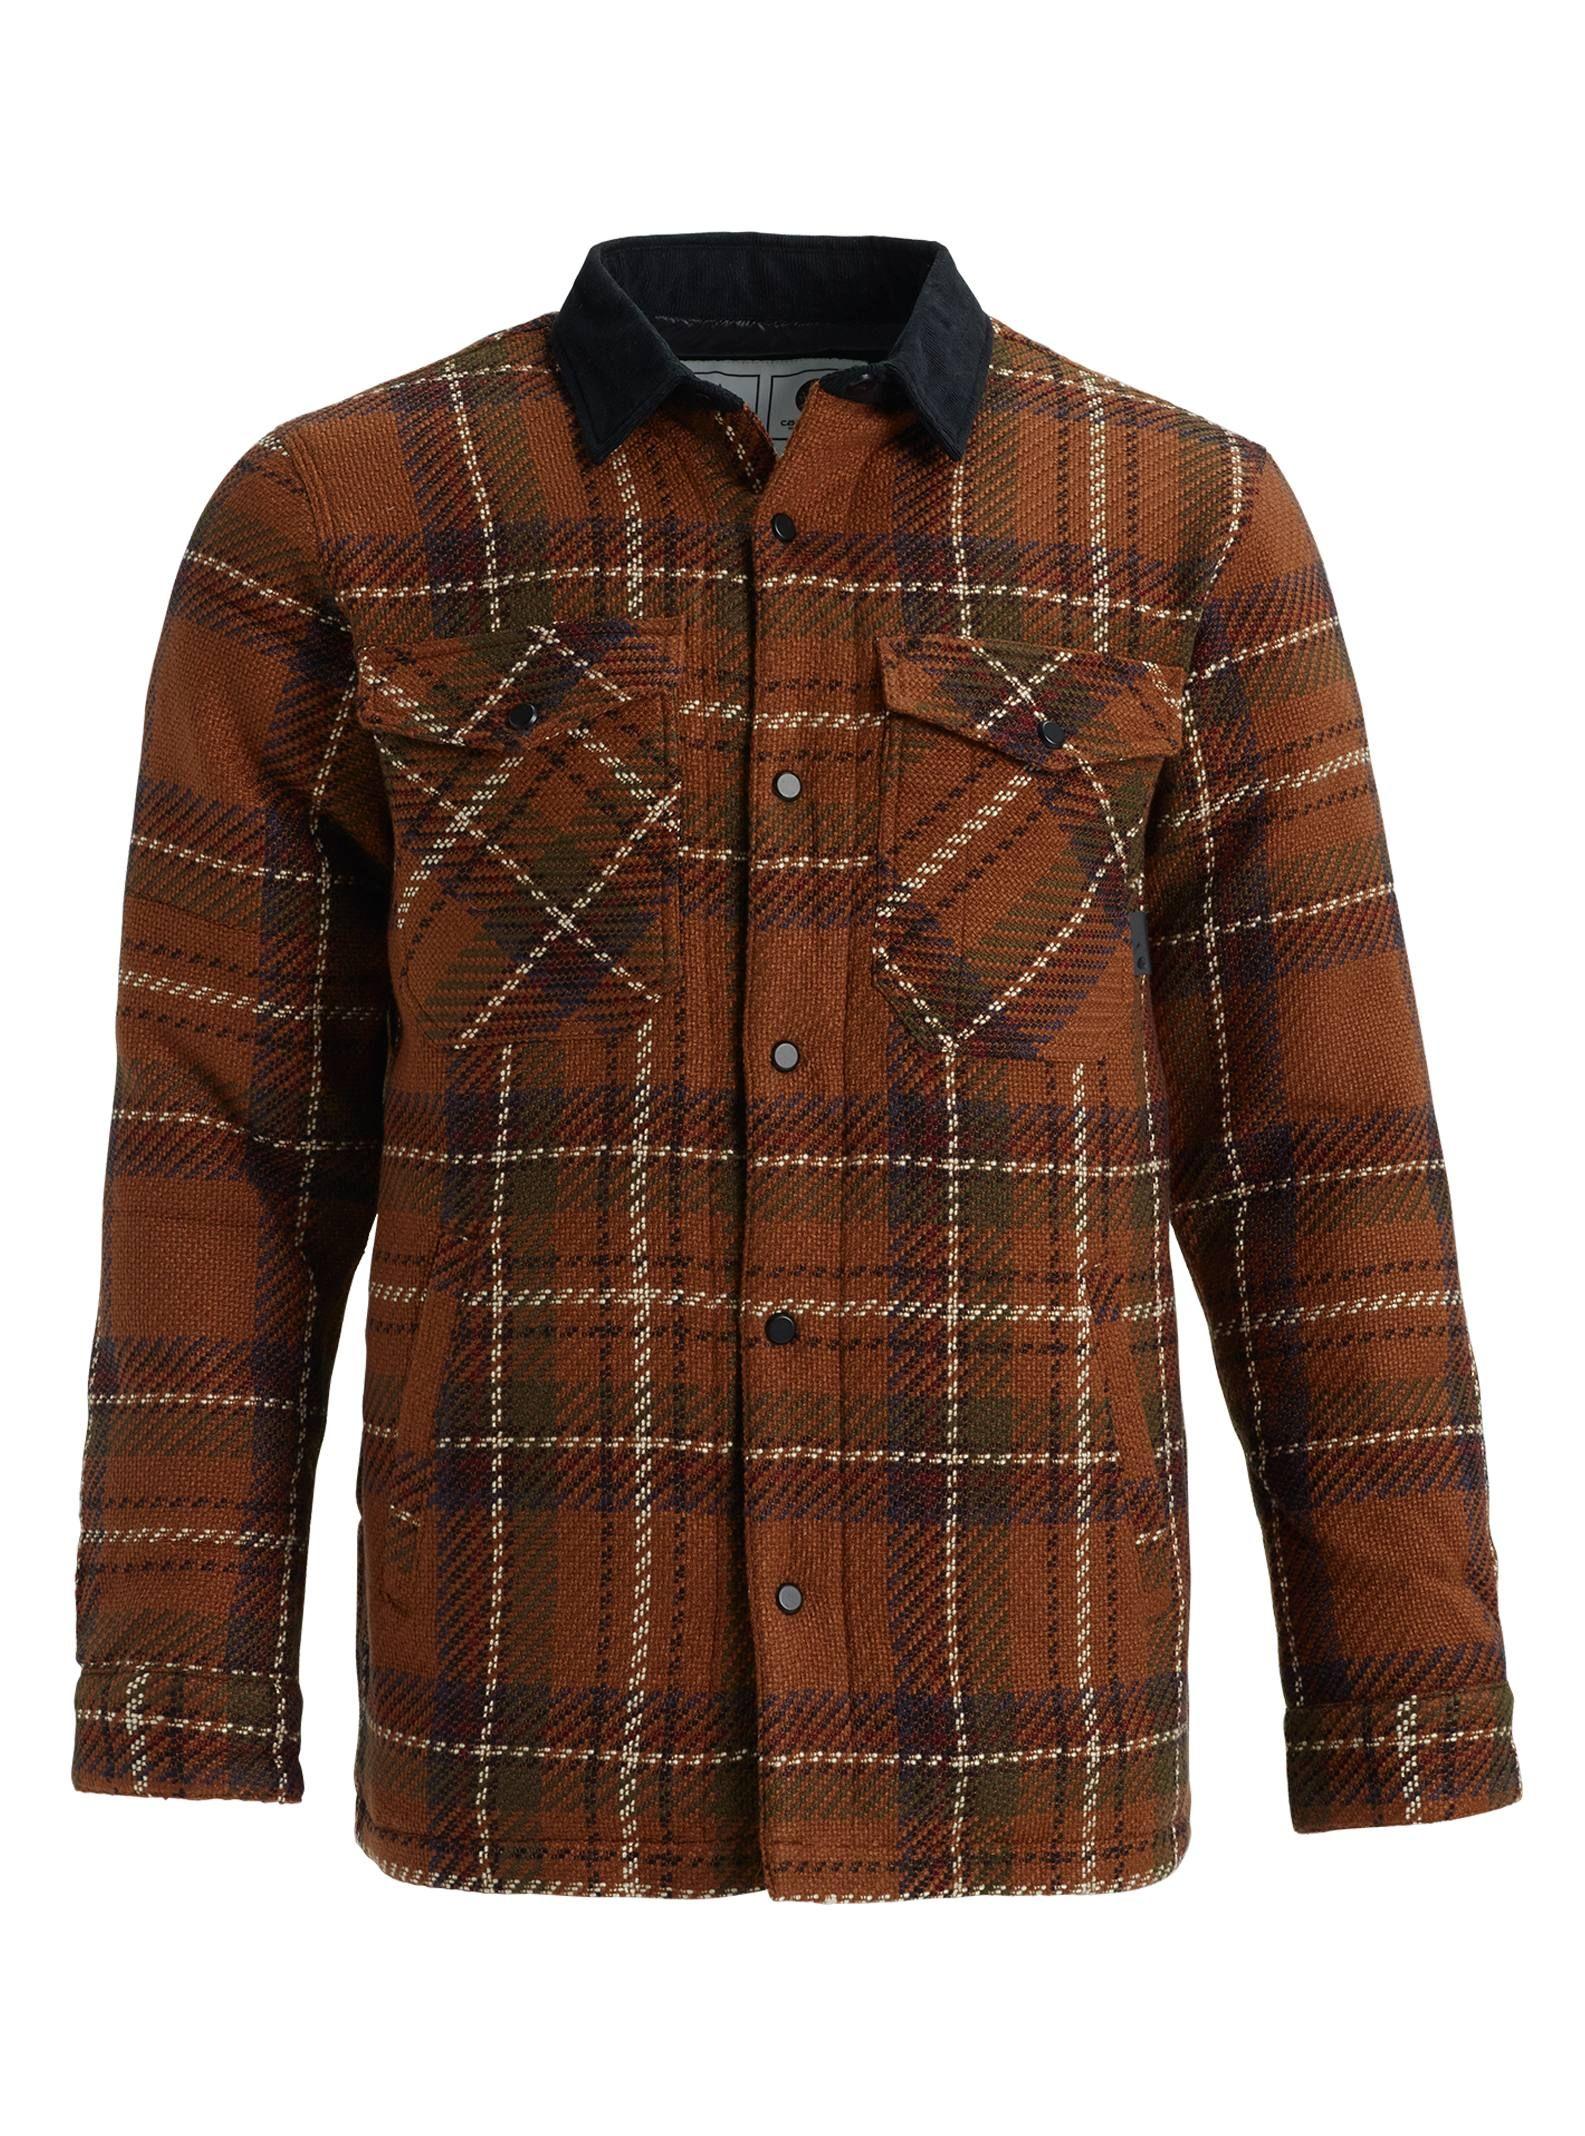 6a05c728 Men's Carhartt WIP x Burton Gambrel Down Shacket Button Down Shirt, Men  Casual